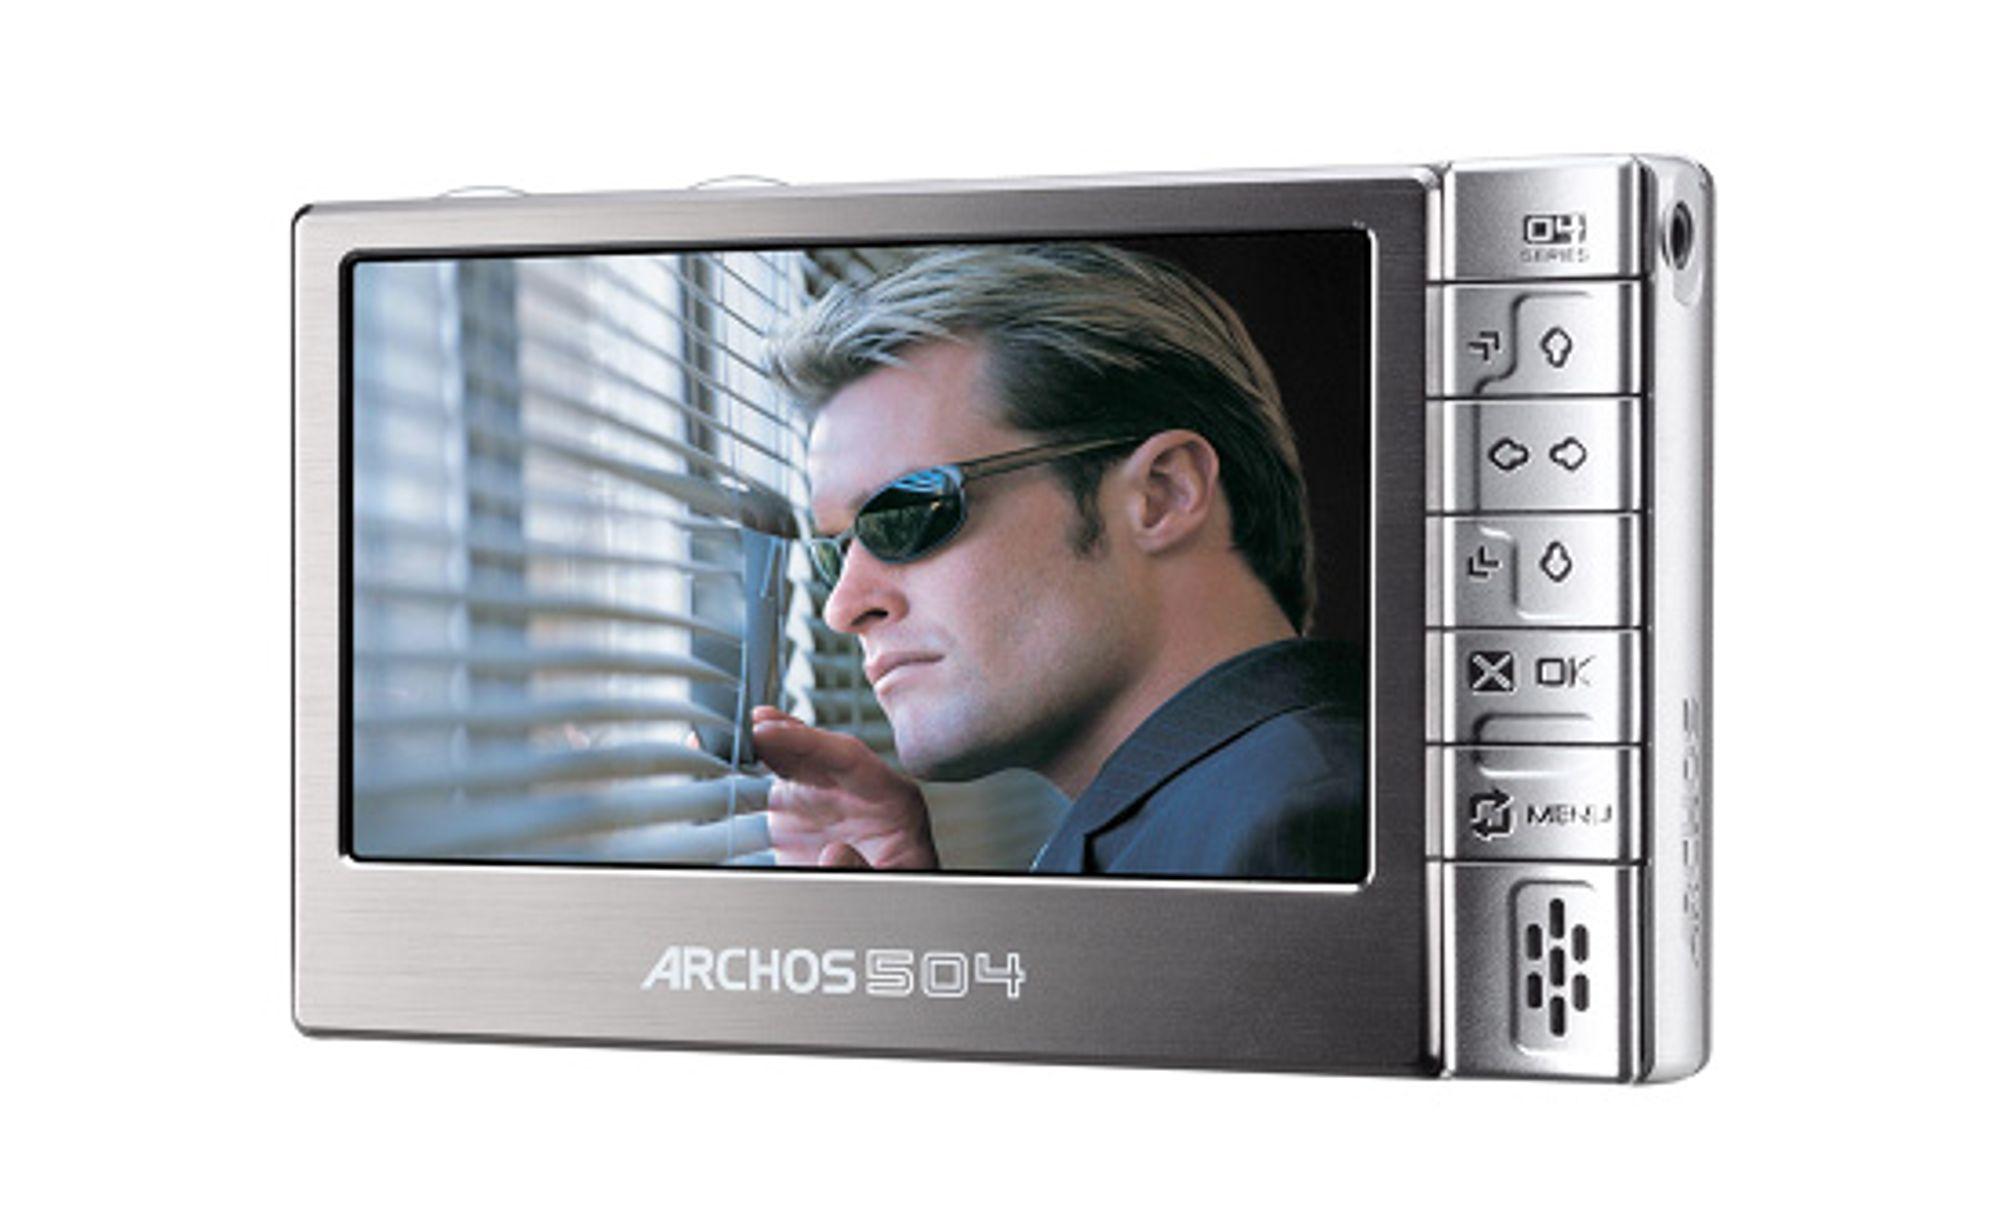 Archos 504 har en sylskarp skjerm